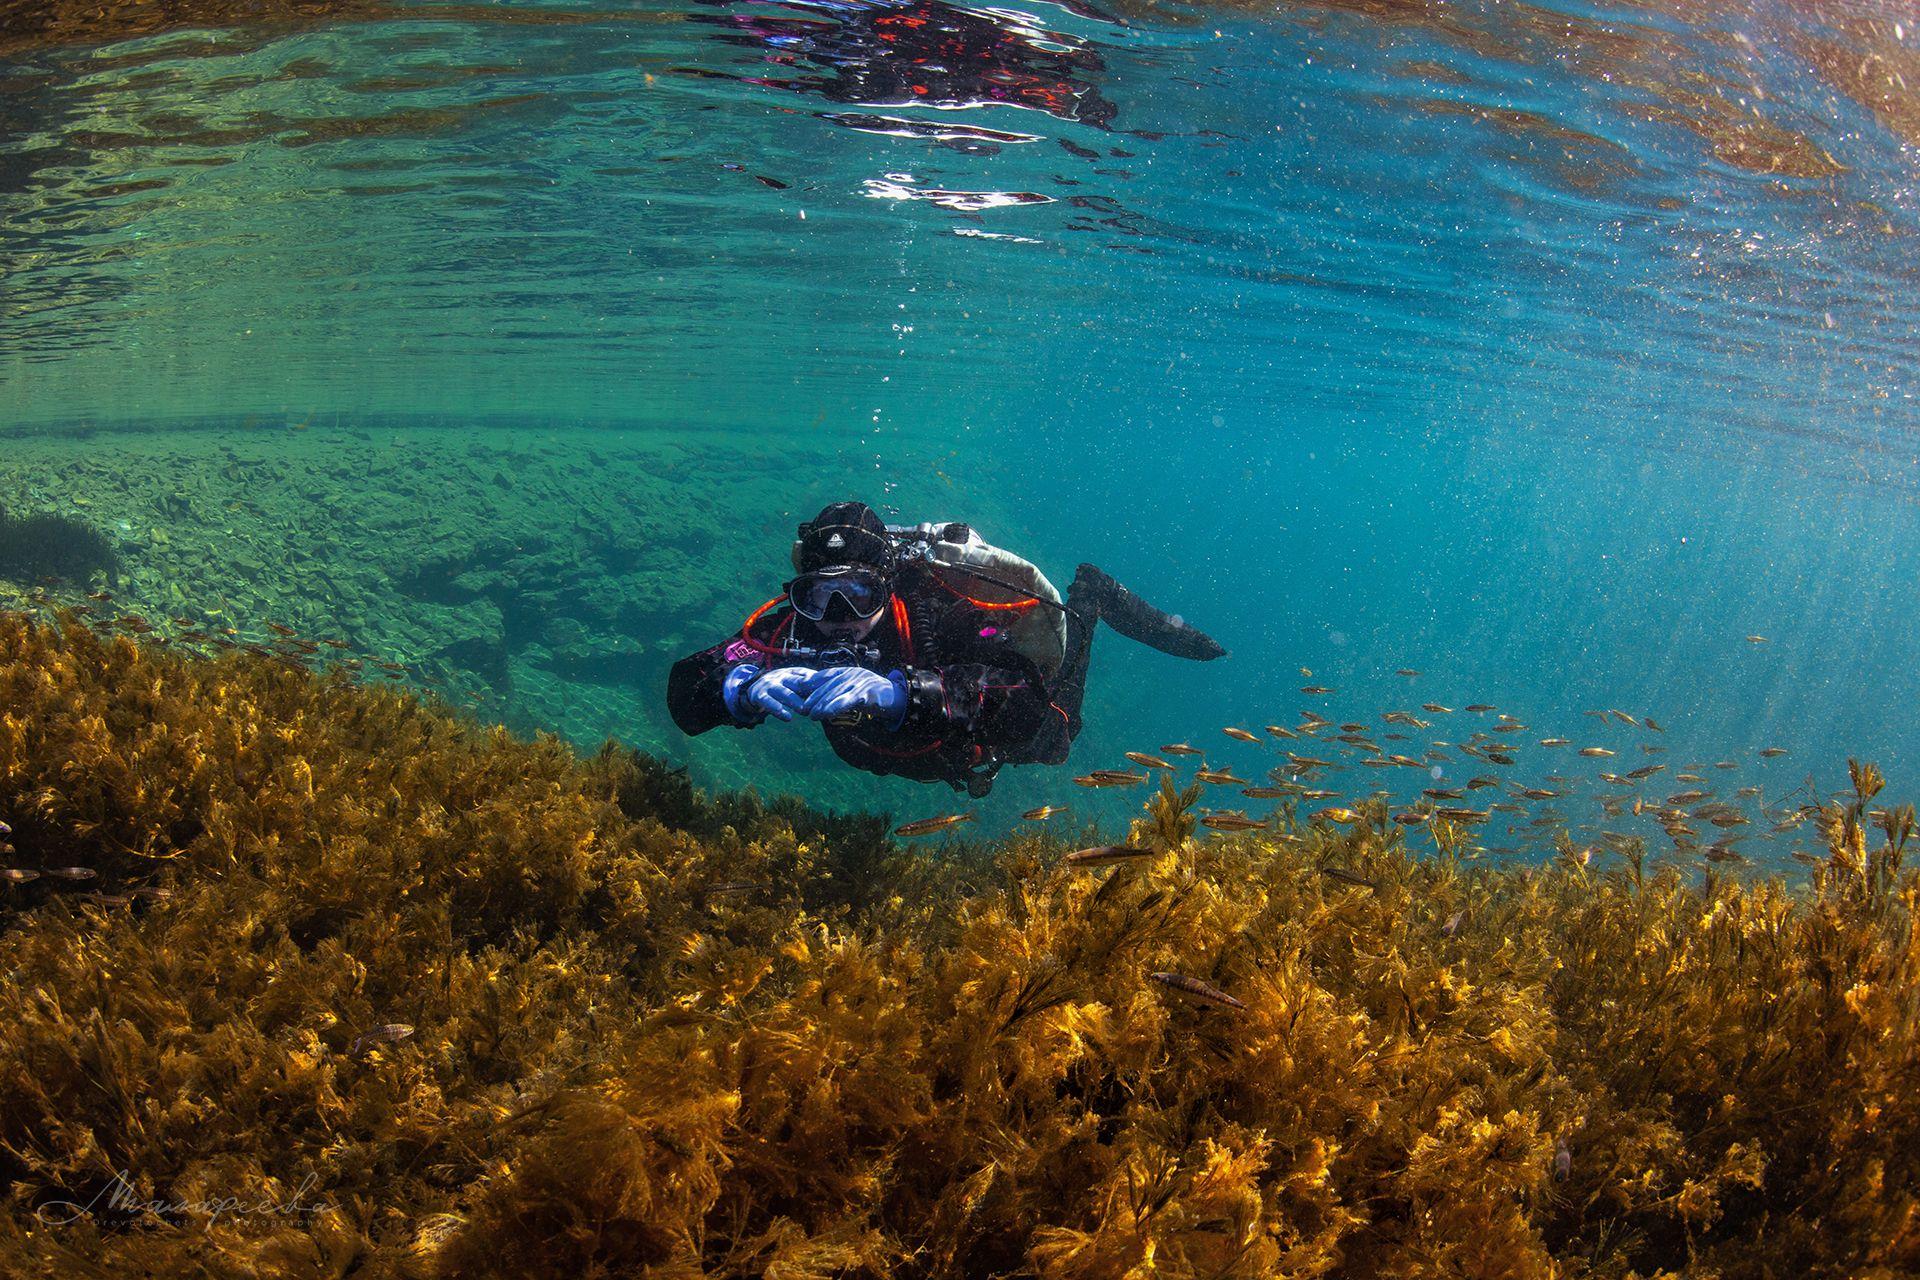 подводное фото, налим, вода, дайвер, источник, Малафеева Елена